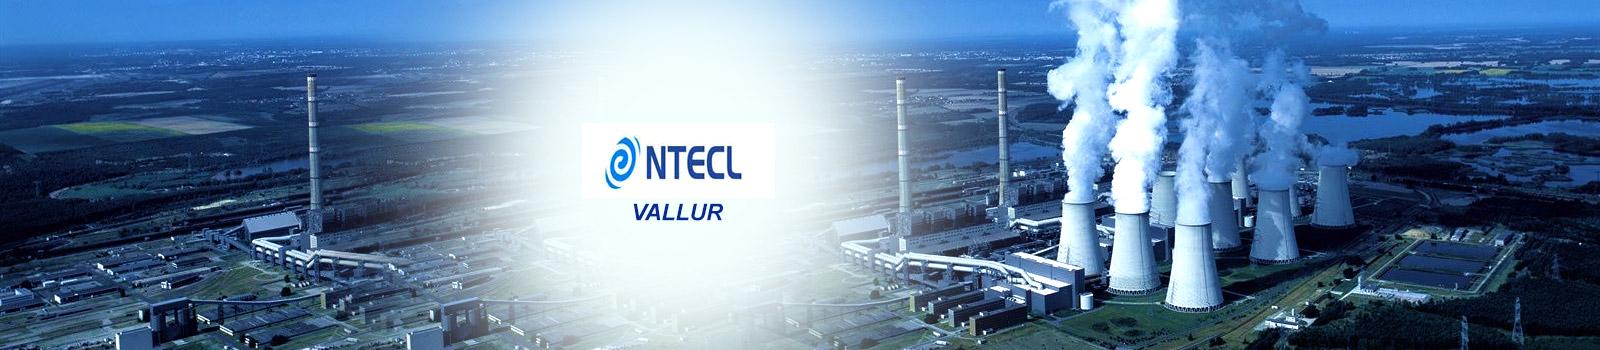 NTECL Vallur